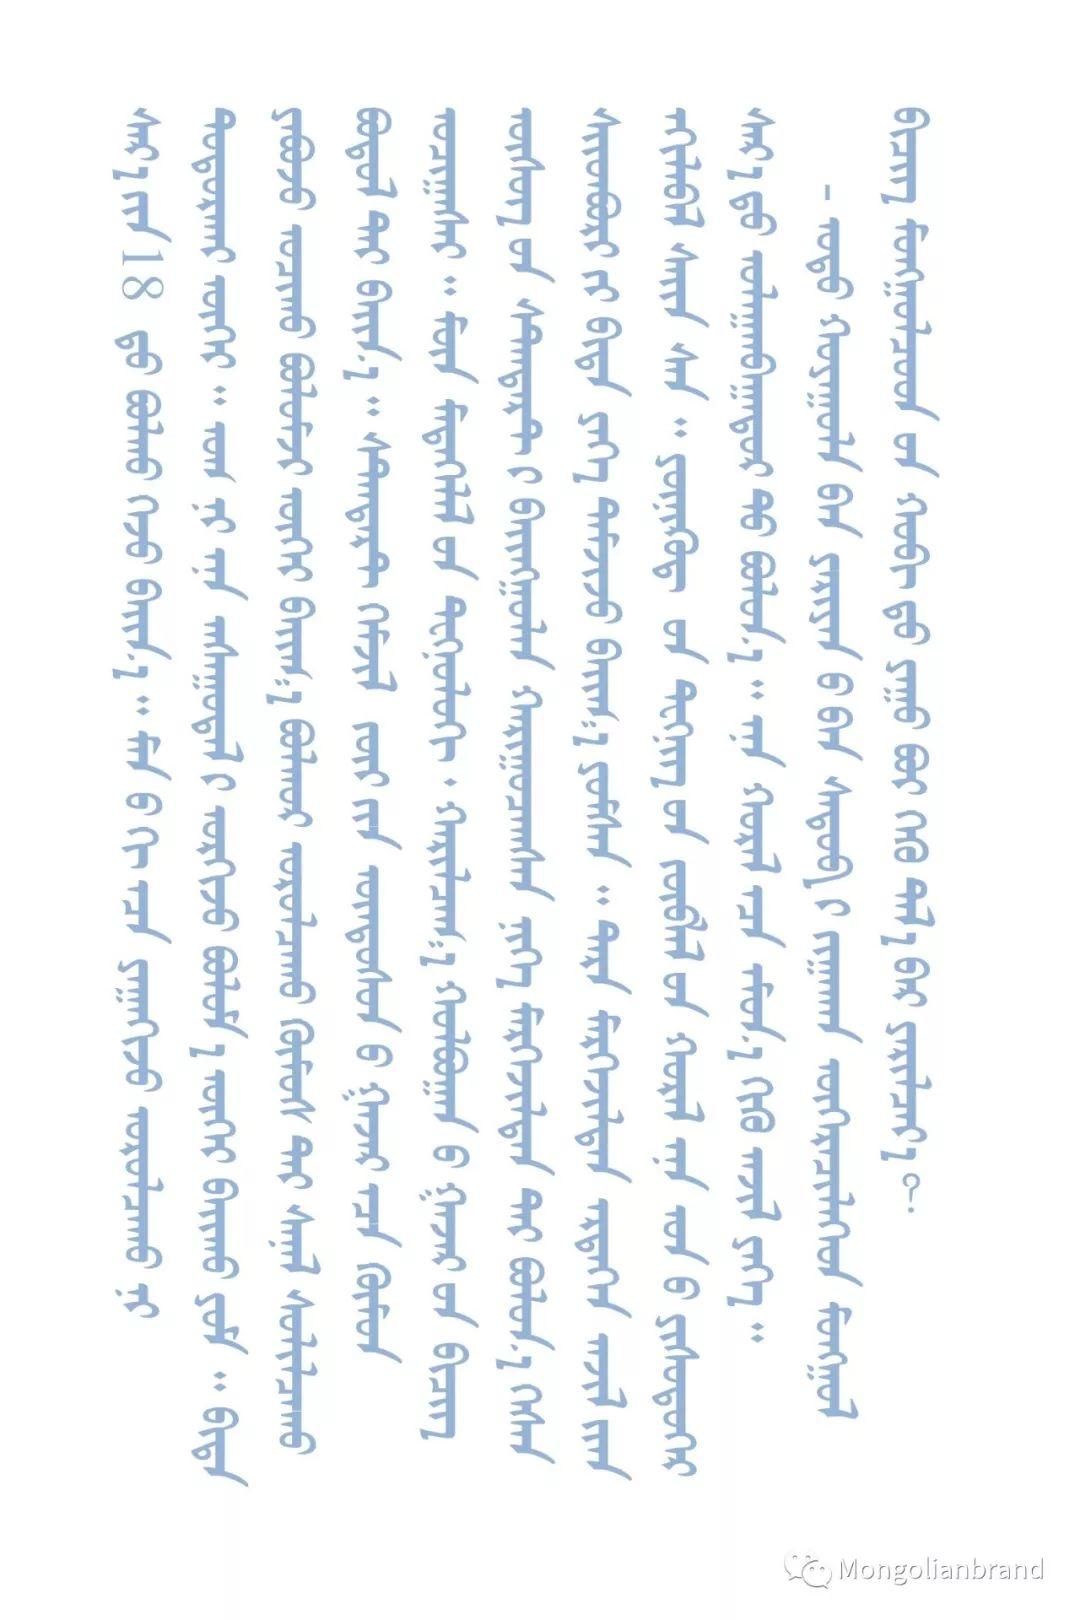 蒙古字体设计专家Jamiyansuren:让每个蒙古人掌握传统蒙古文是我们的终极目标 第18张 蒙古字体设计专家Jamiyansuren:让每个蒙古人掌握传统蒙古文是我们的终极目标 蒙古文化